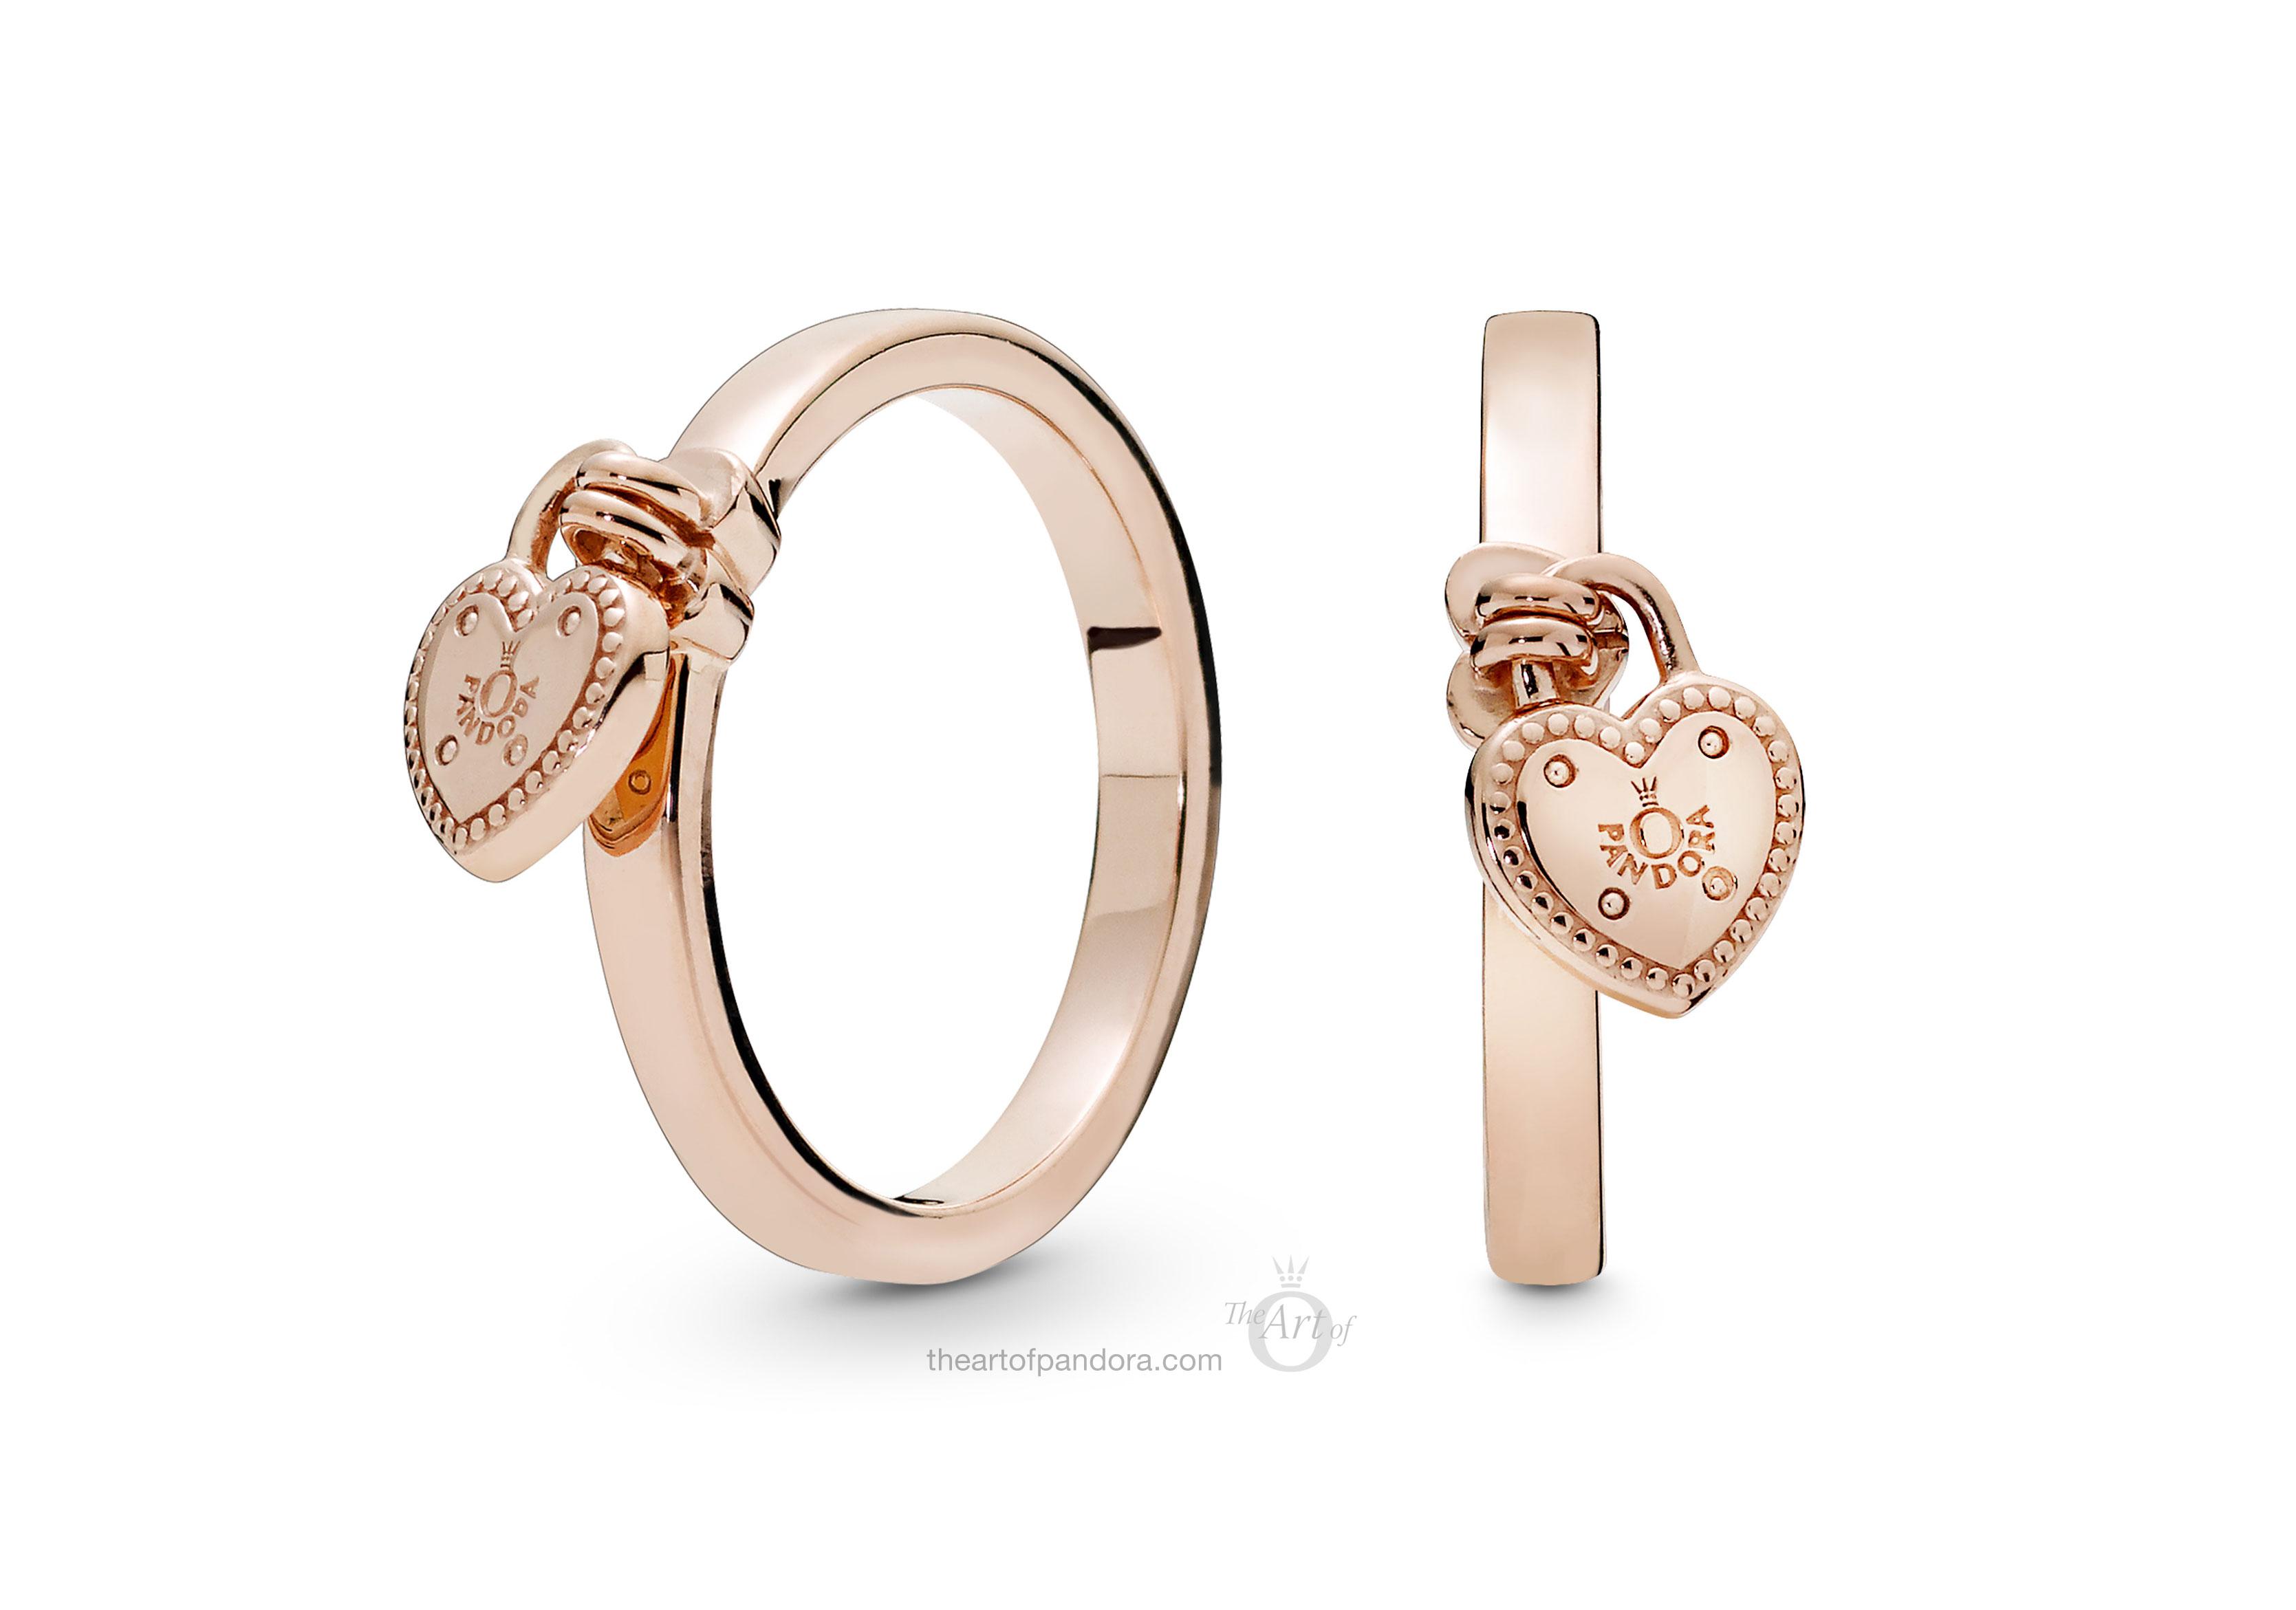 935a9c919 186571-PANDORA-Rose-Love-Lock-Ring - The Art of Pandora | More than ...